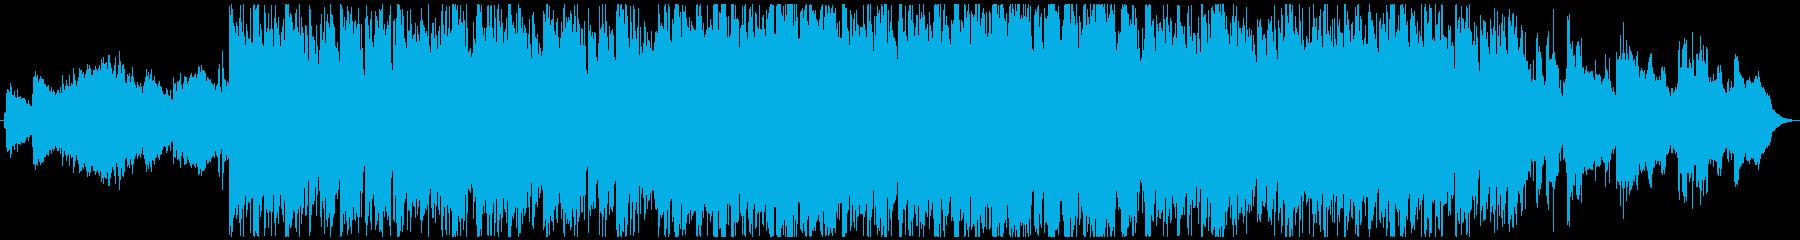 メロディックでまろやかで落ち着いた...の再生済みの波形